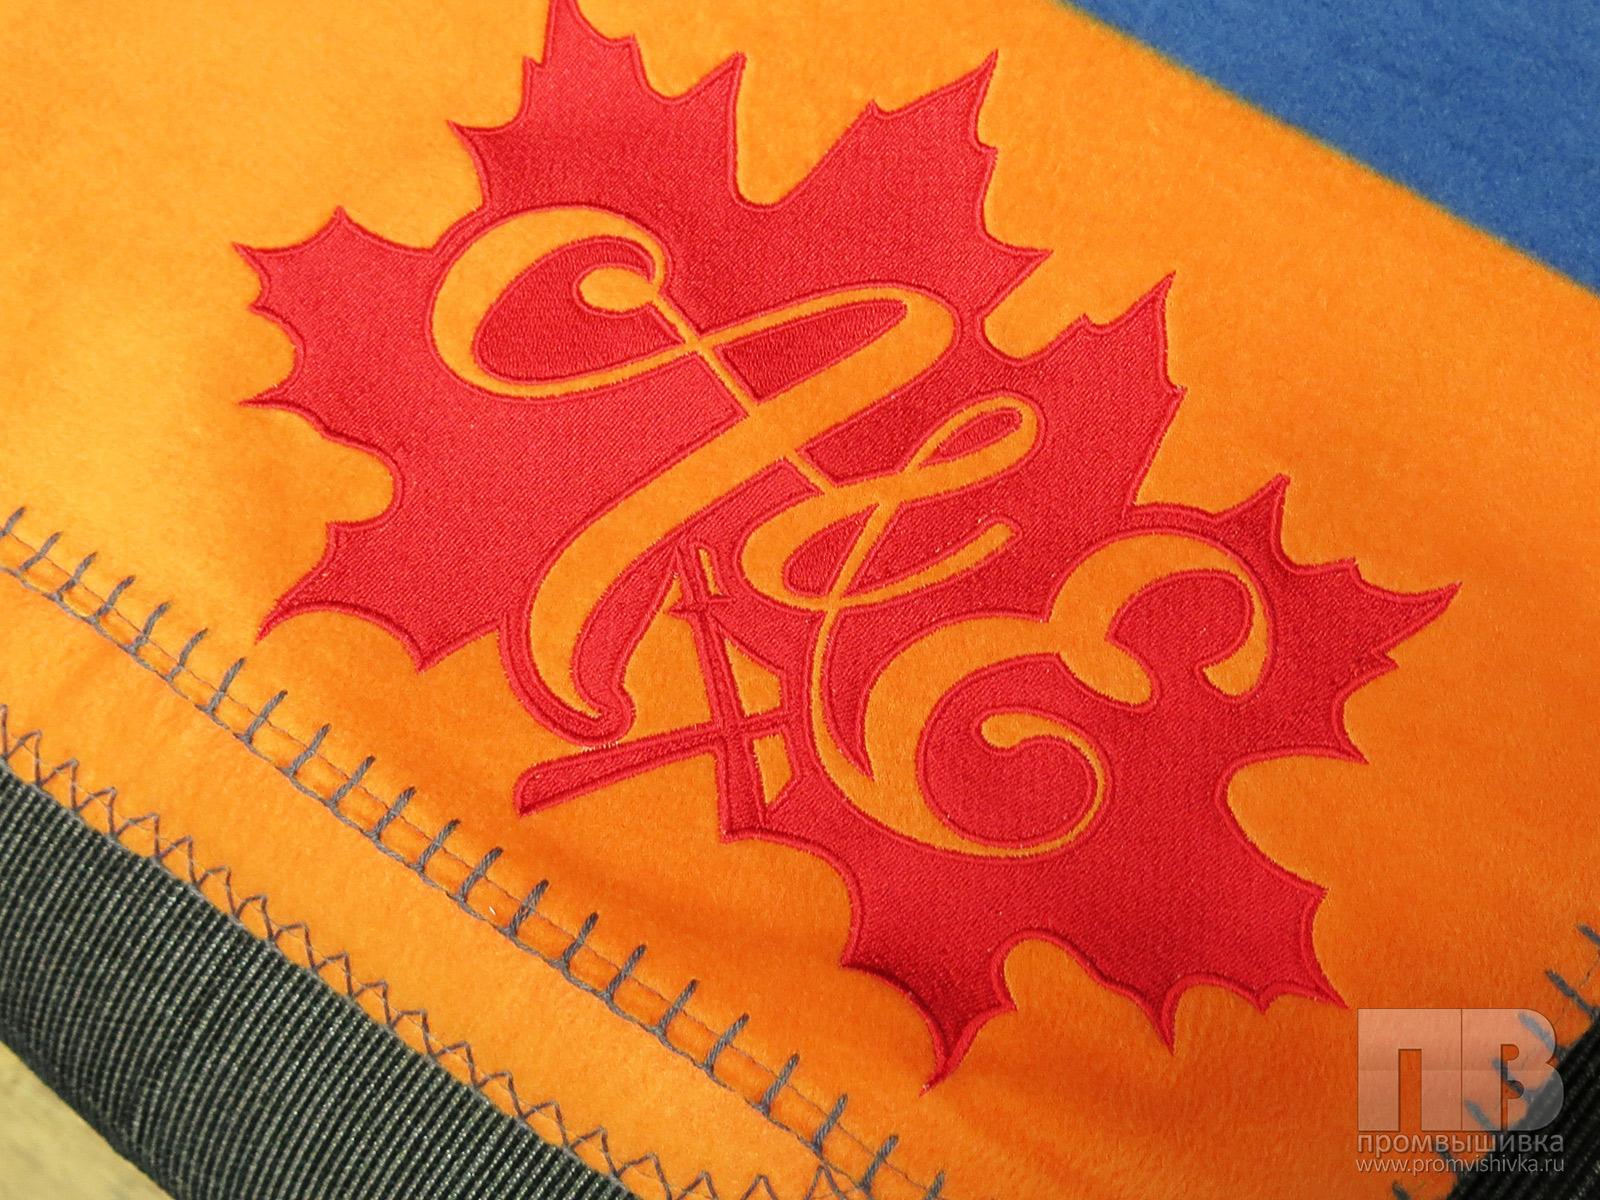 Машинная вышивка индивидуальная